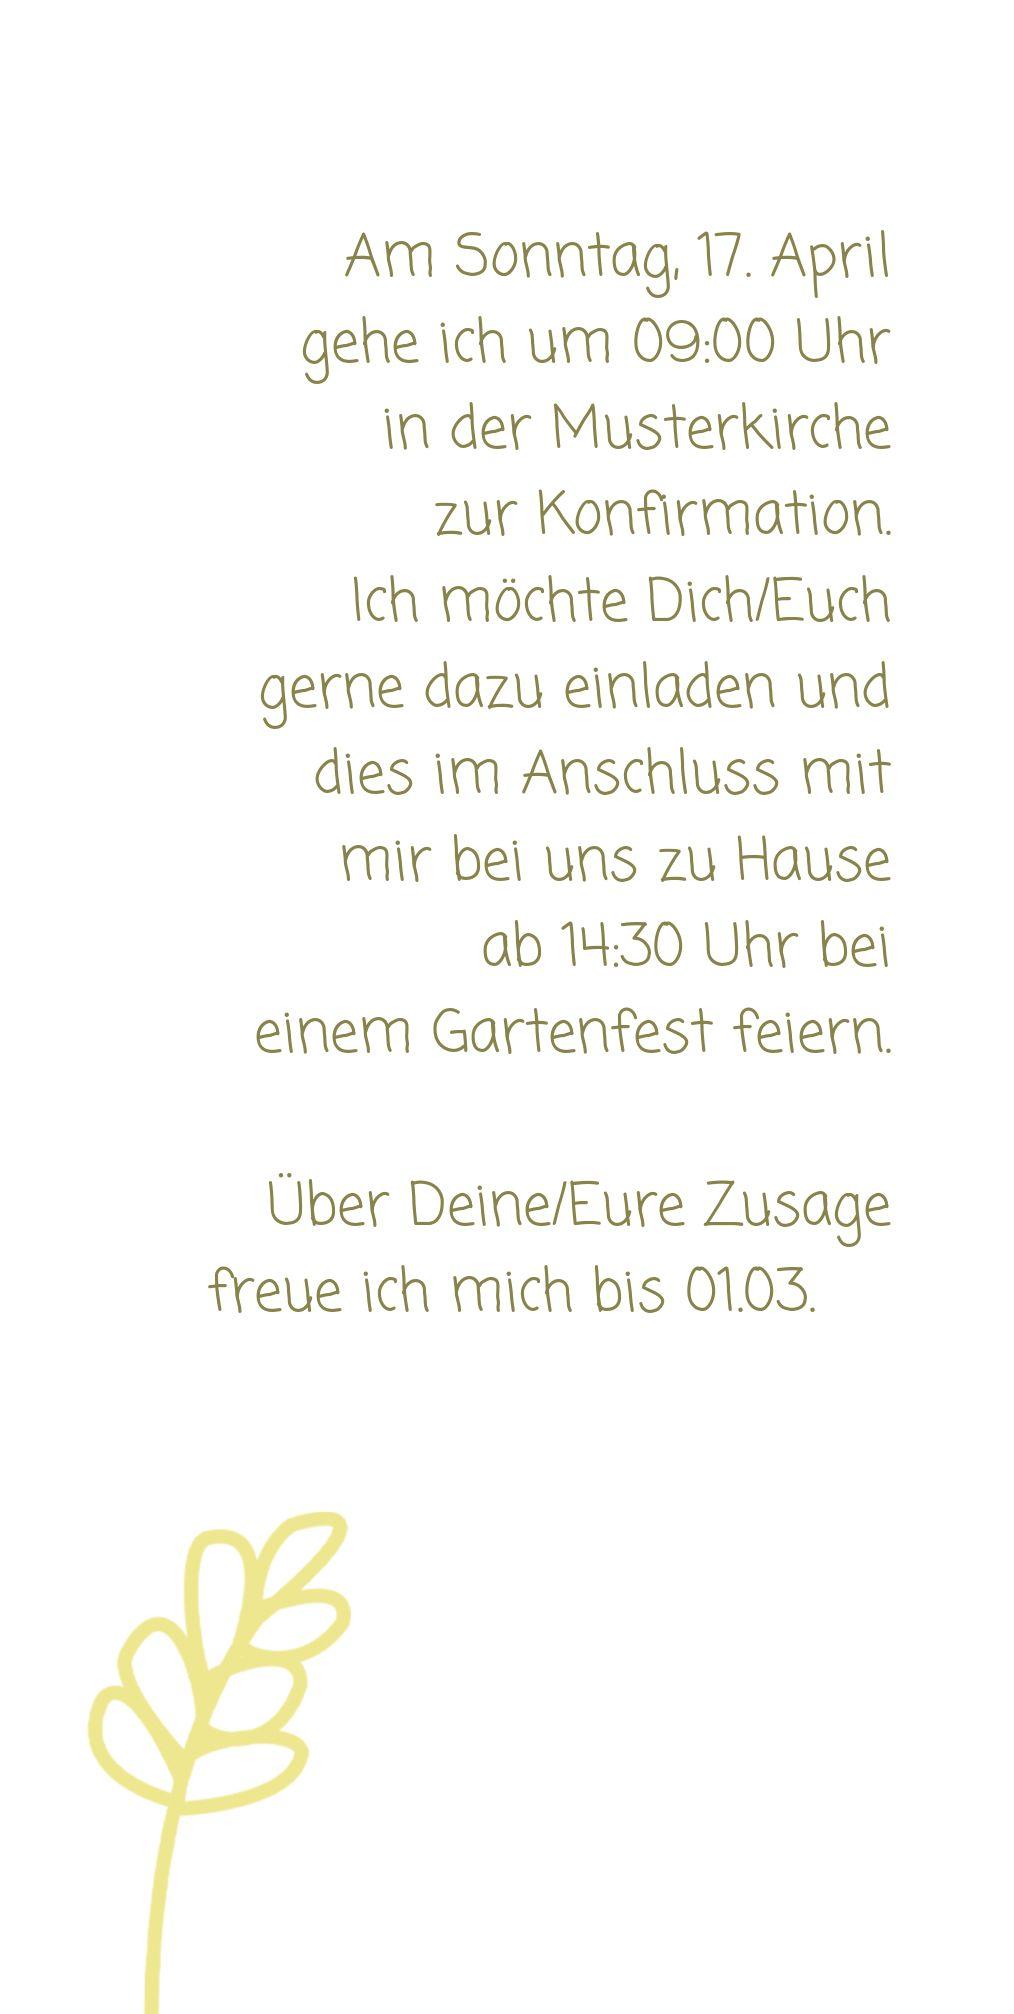 Ansicht 5 - Einladungskarte zur Konfirmation Gräser